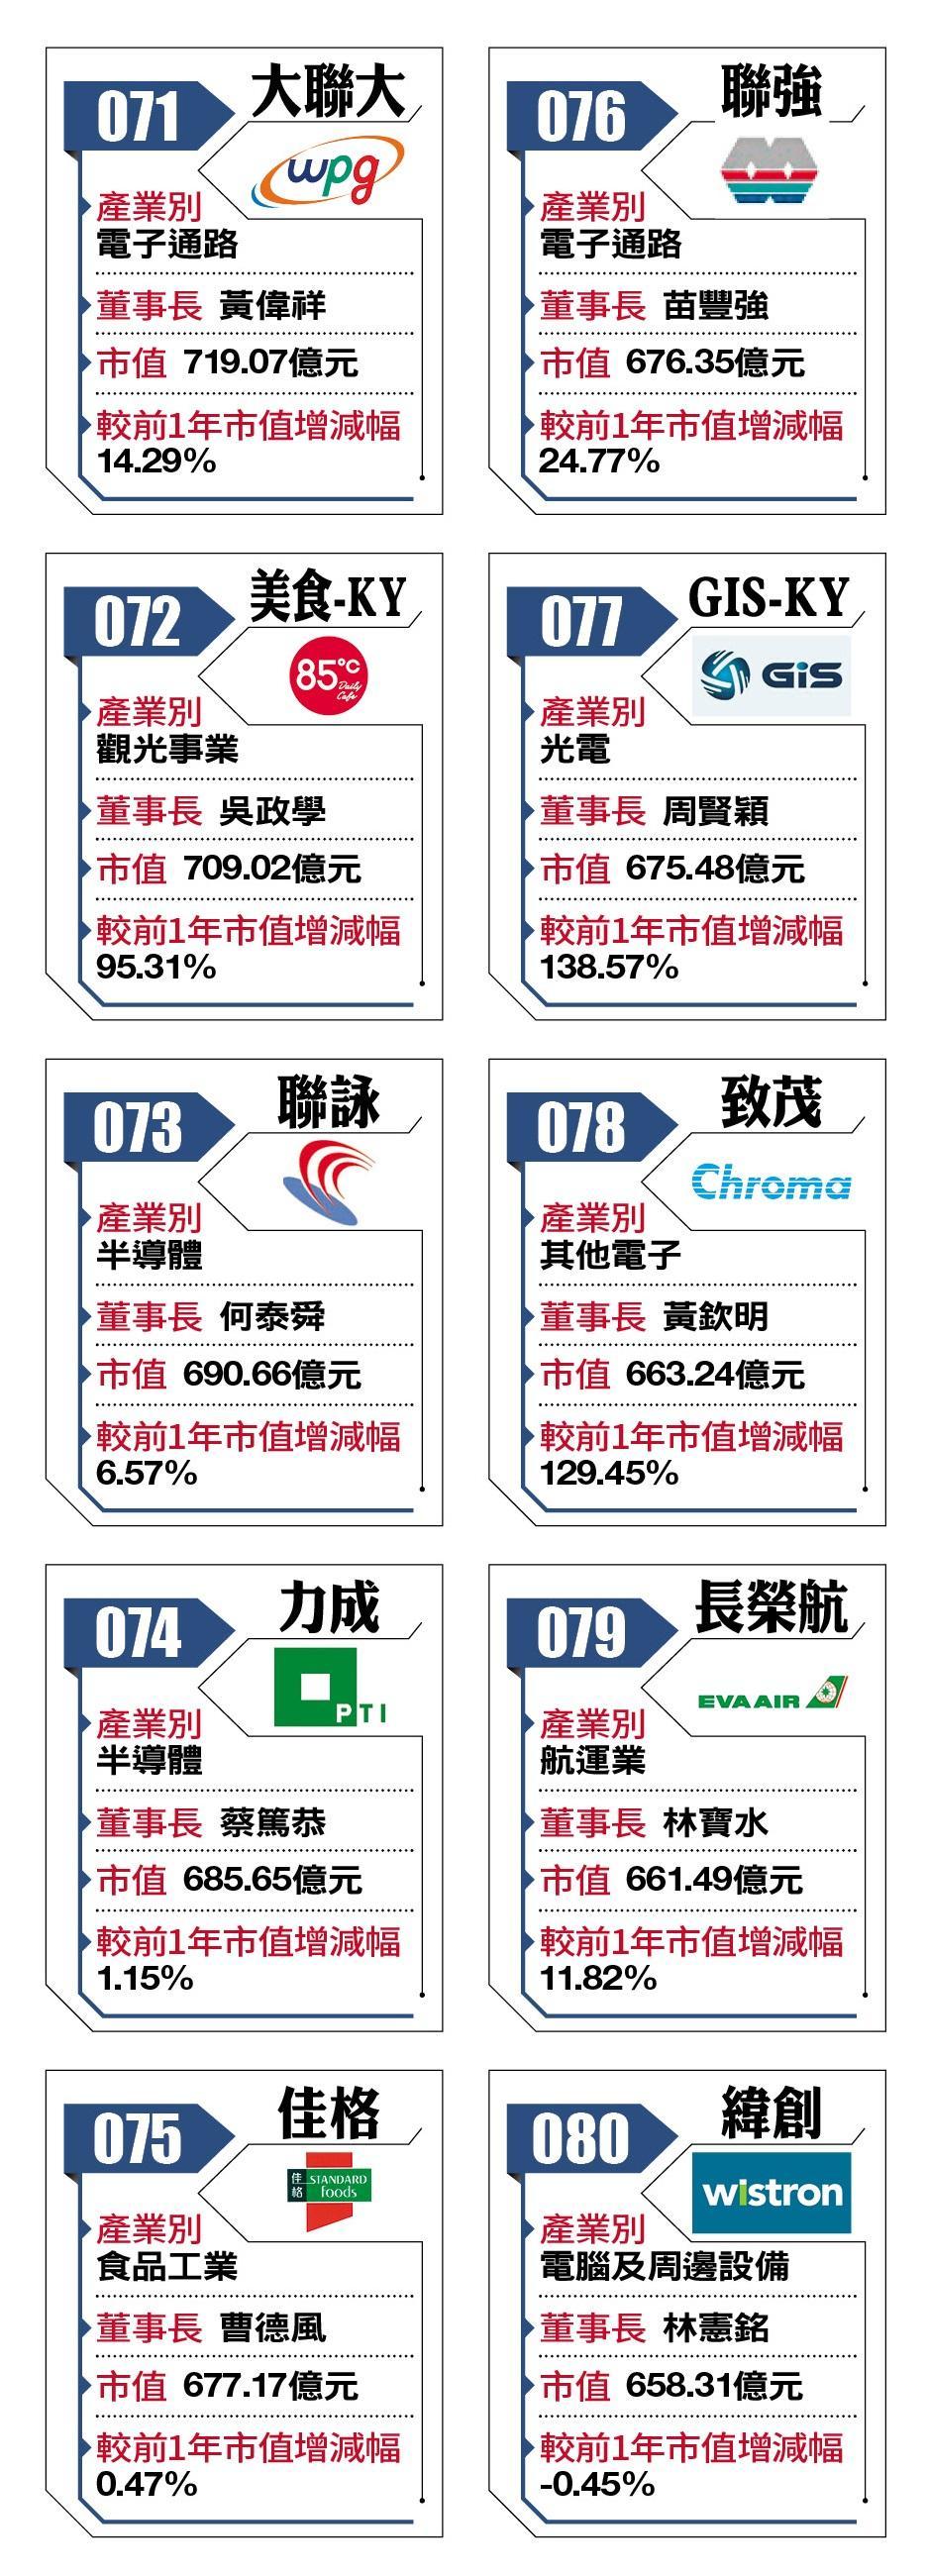 2018台灣百強企業71-80